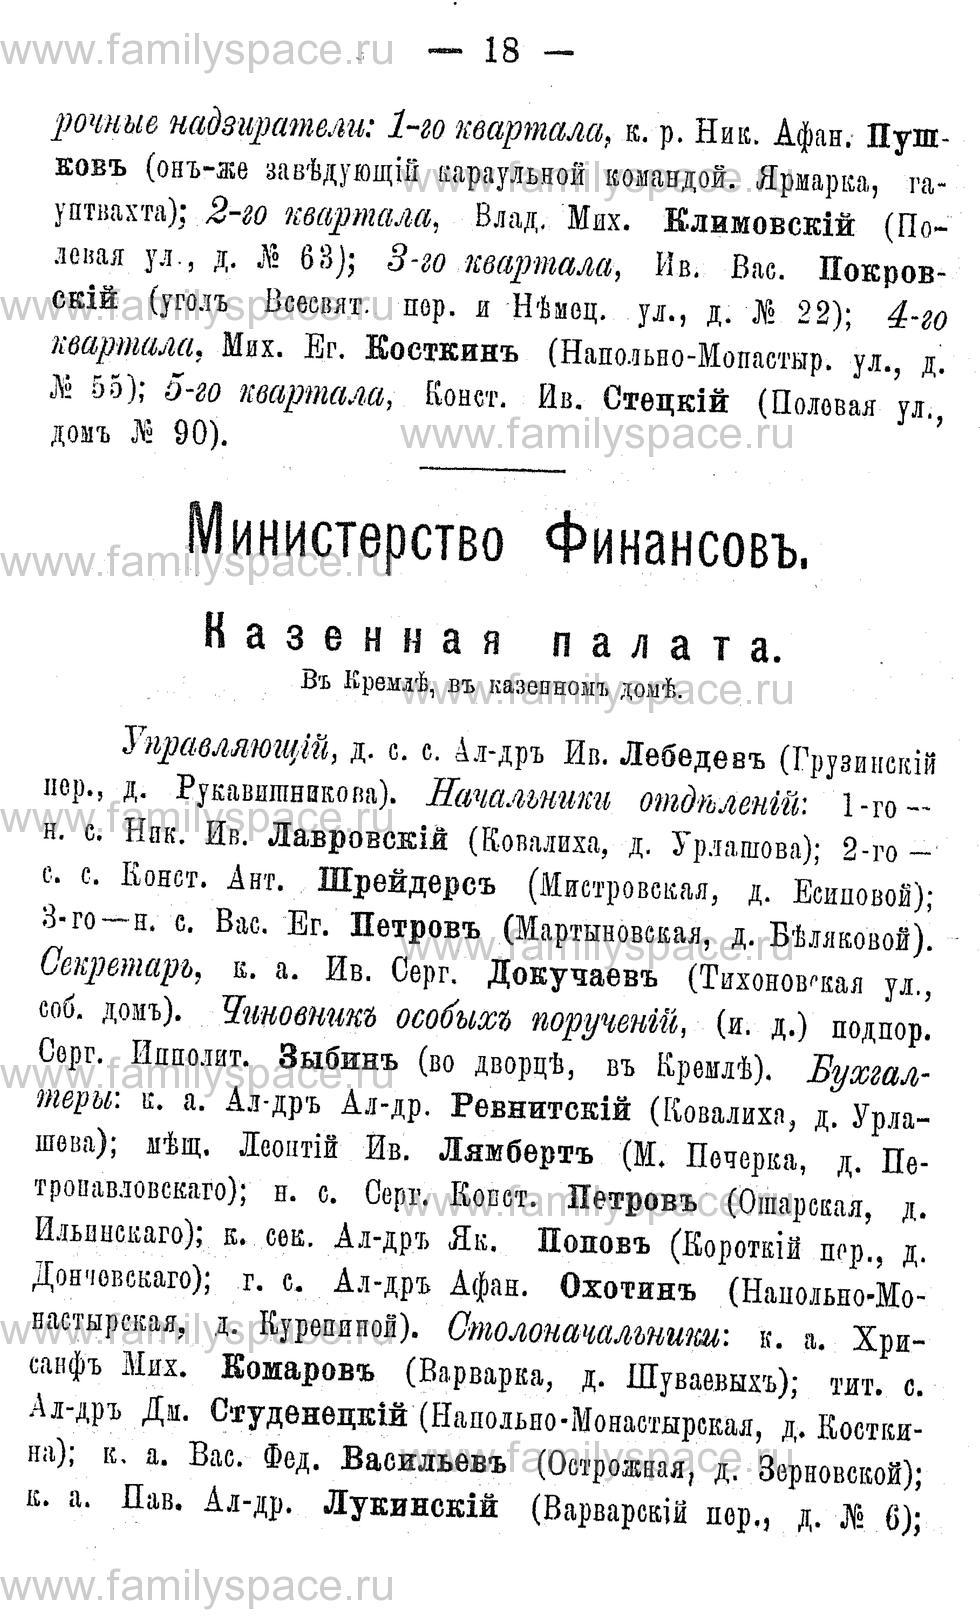 Поиск по фамилии - Адрес-календарь Нижегородской губернии на 1891 год, страница 18